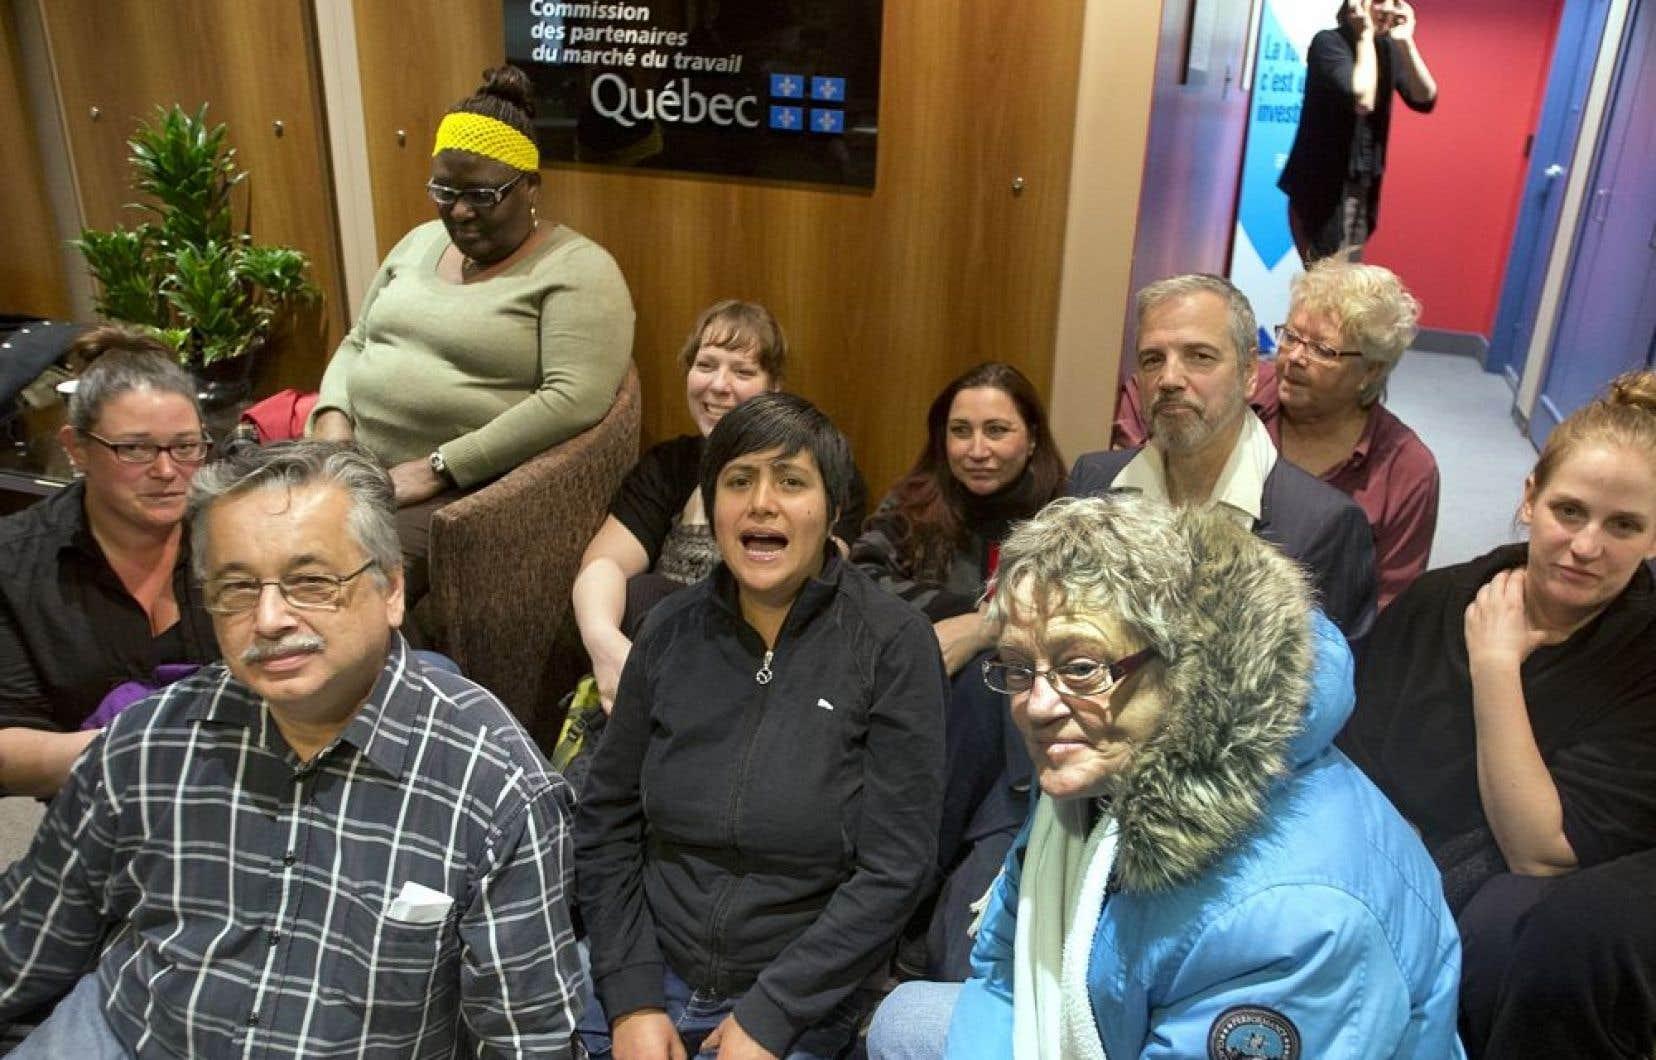 Depuis environ 10h30 vendredi, les militants ont investi le 28e étage de la Tour de la bourse, à Montréal, et sont installés dans les locaux du MESS.